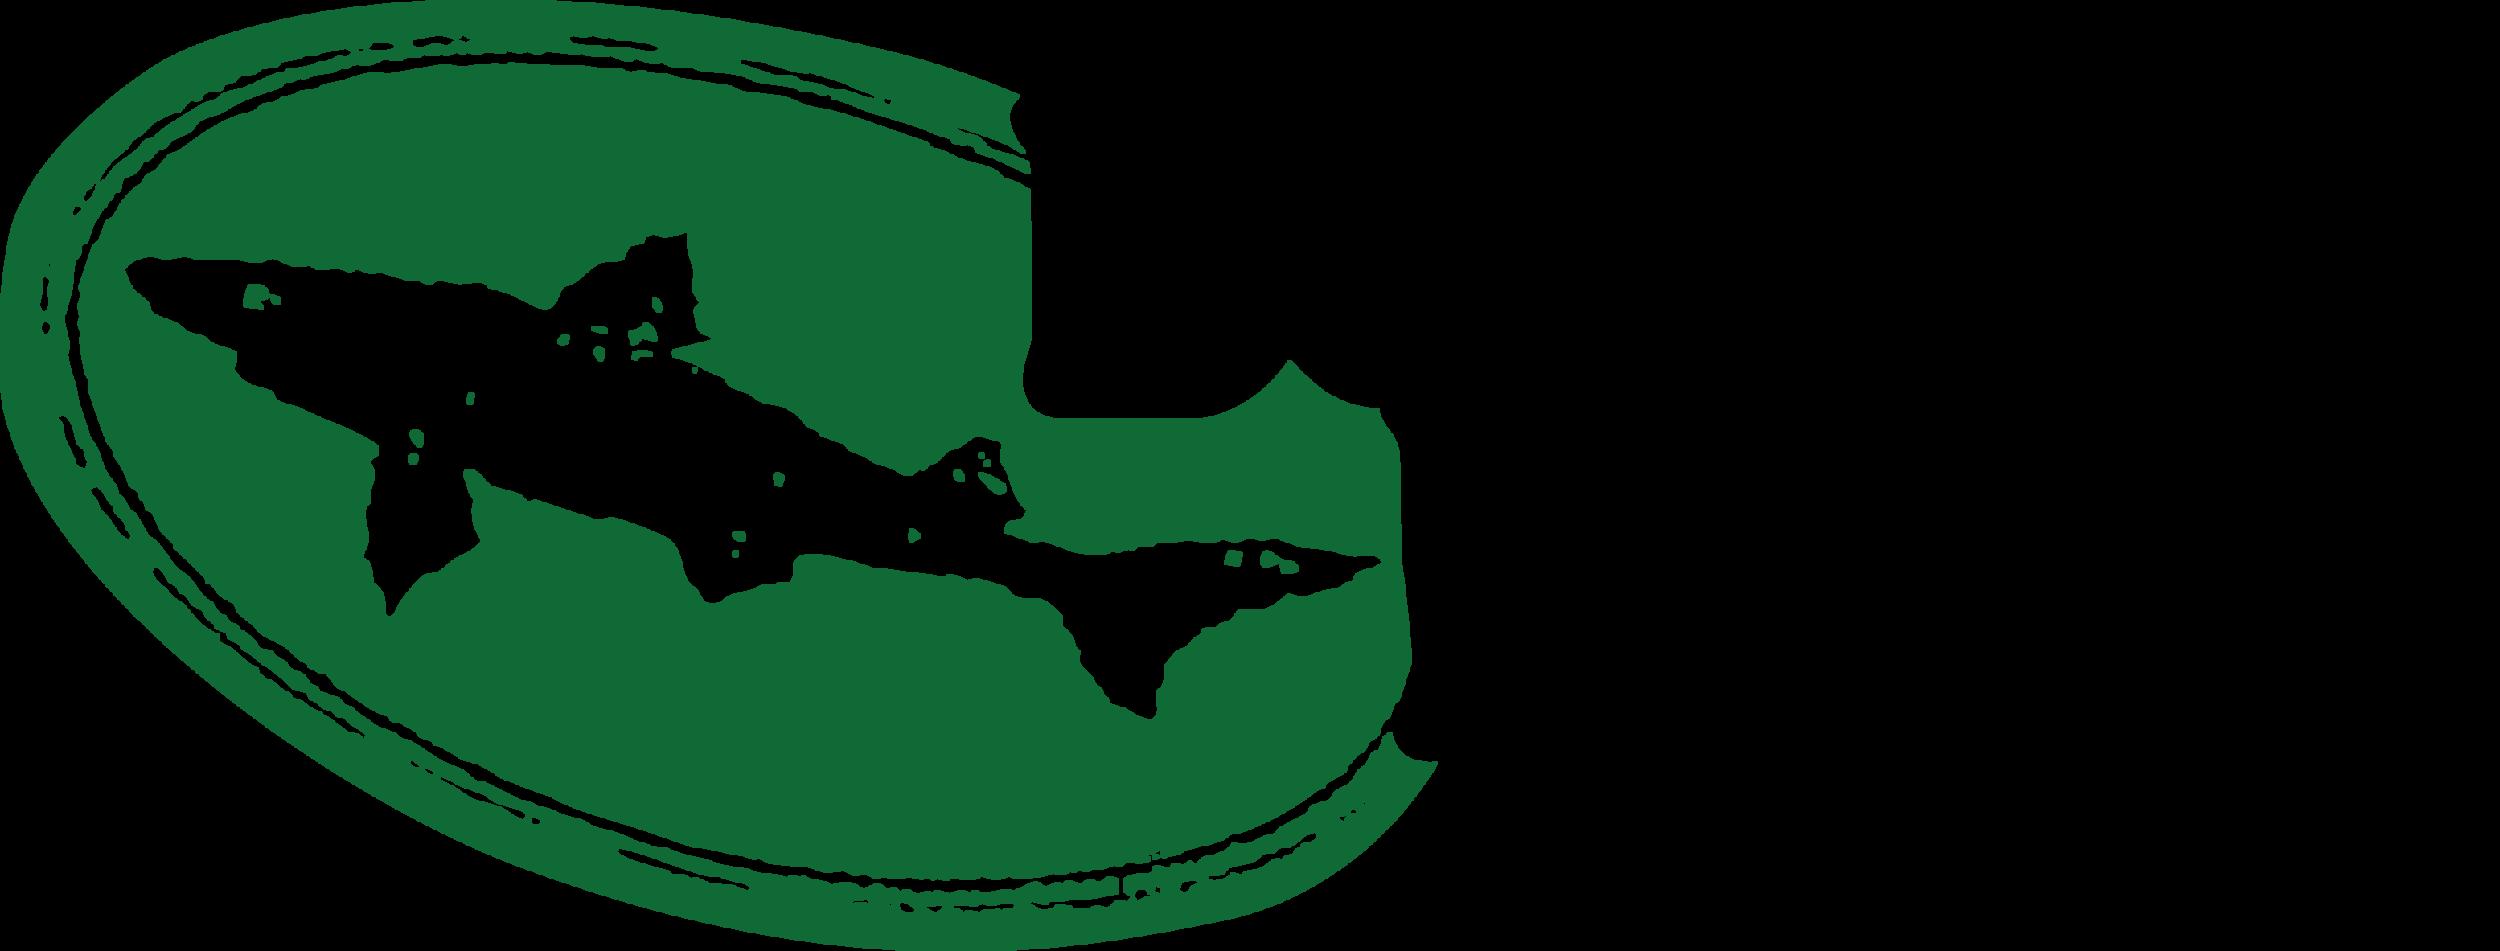 Dogfish_Main_-_Green copy.png